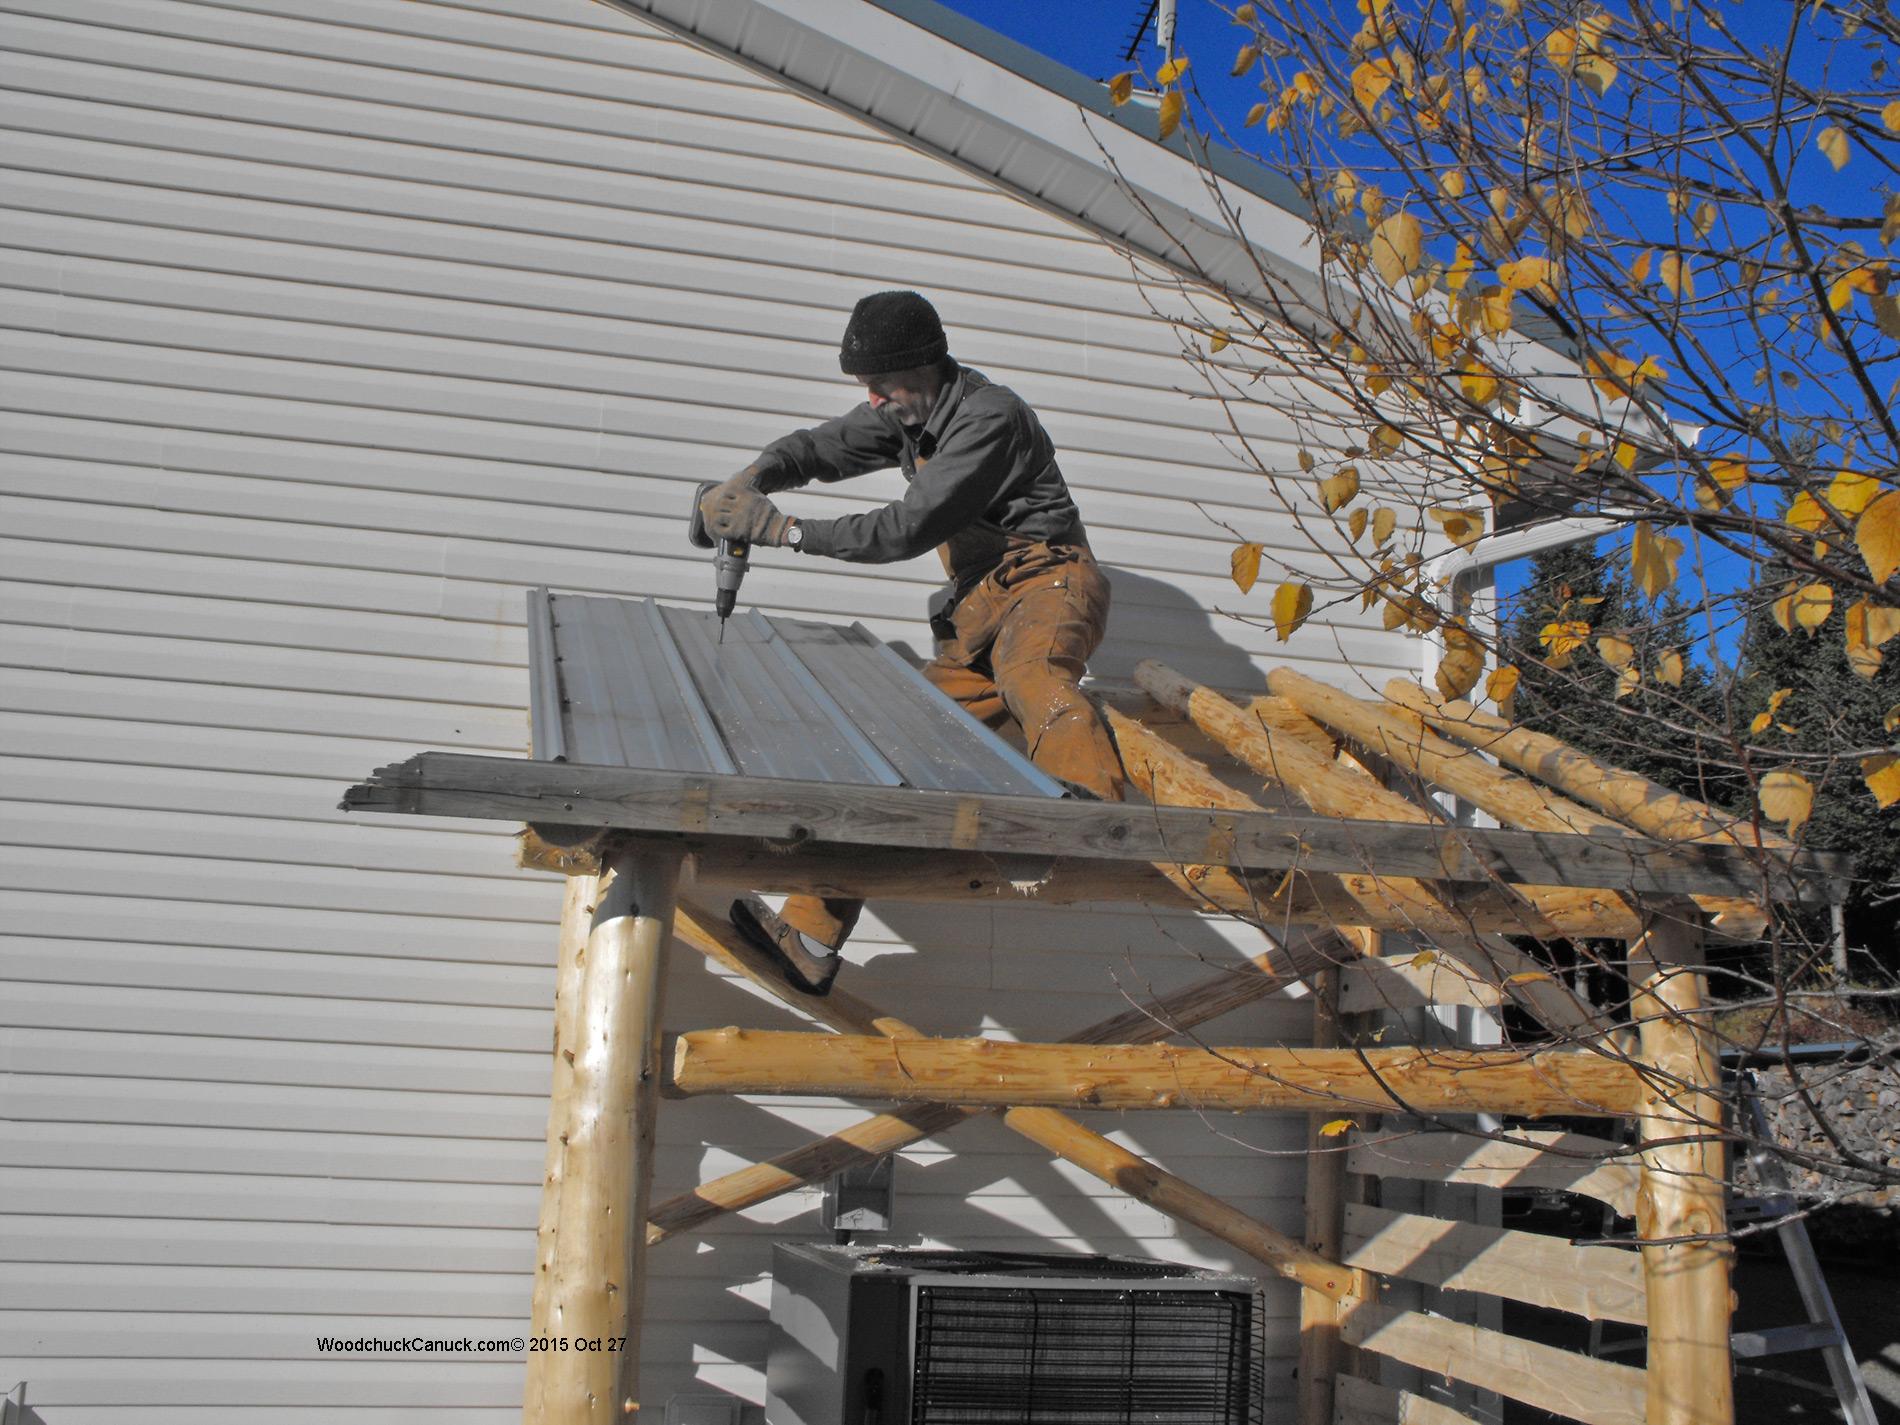 Building A Heat Pump Shelter Woodchuckcanuck Com